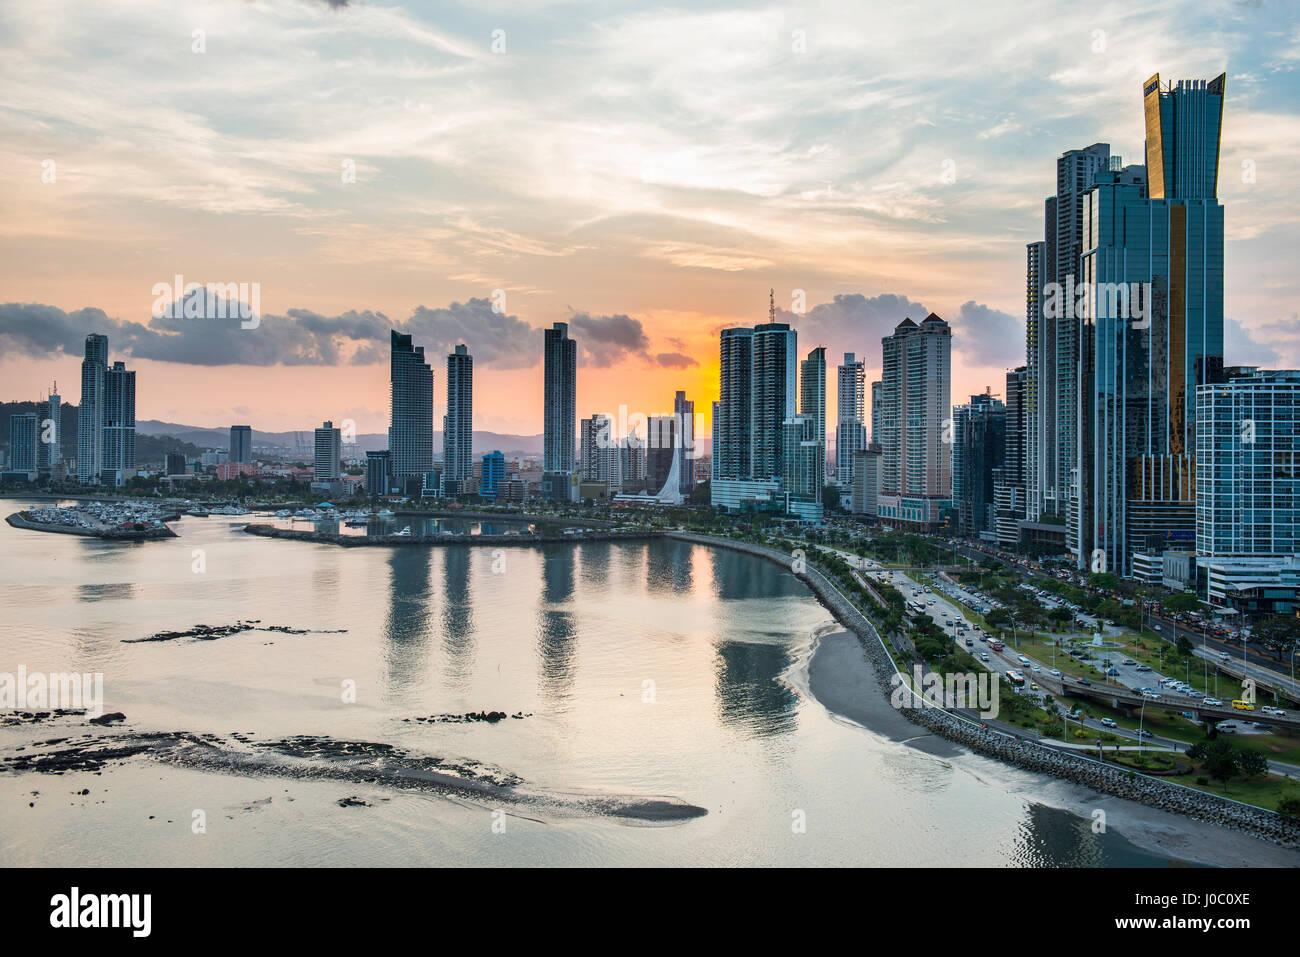 Skyline della Città di Panama al tramonto, Panama City, Panama America Centrale Foto Stock